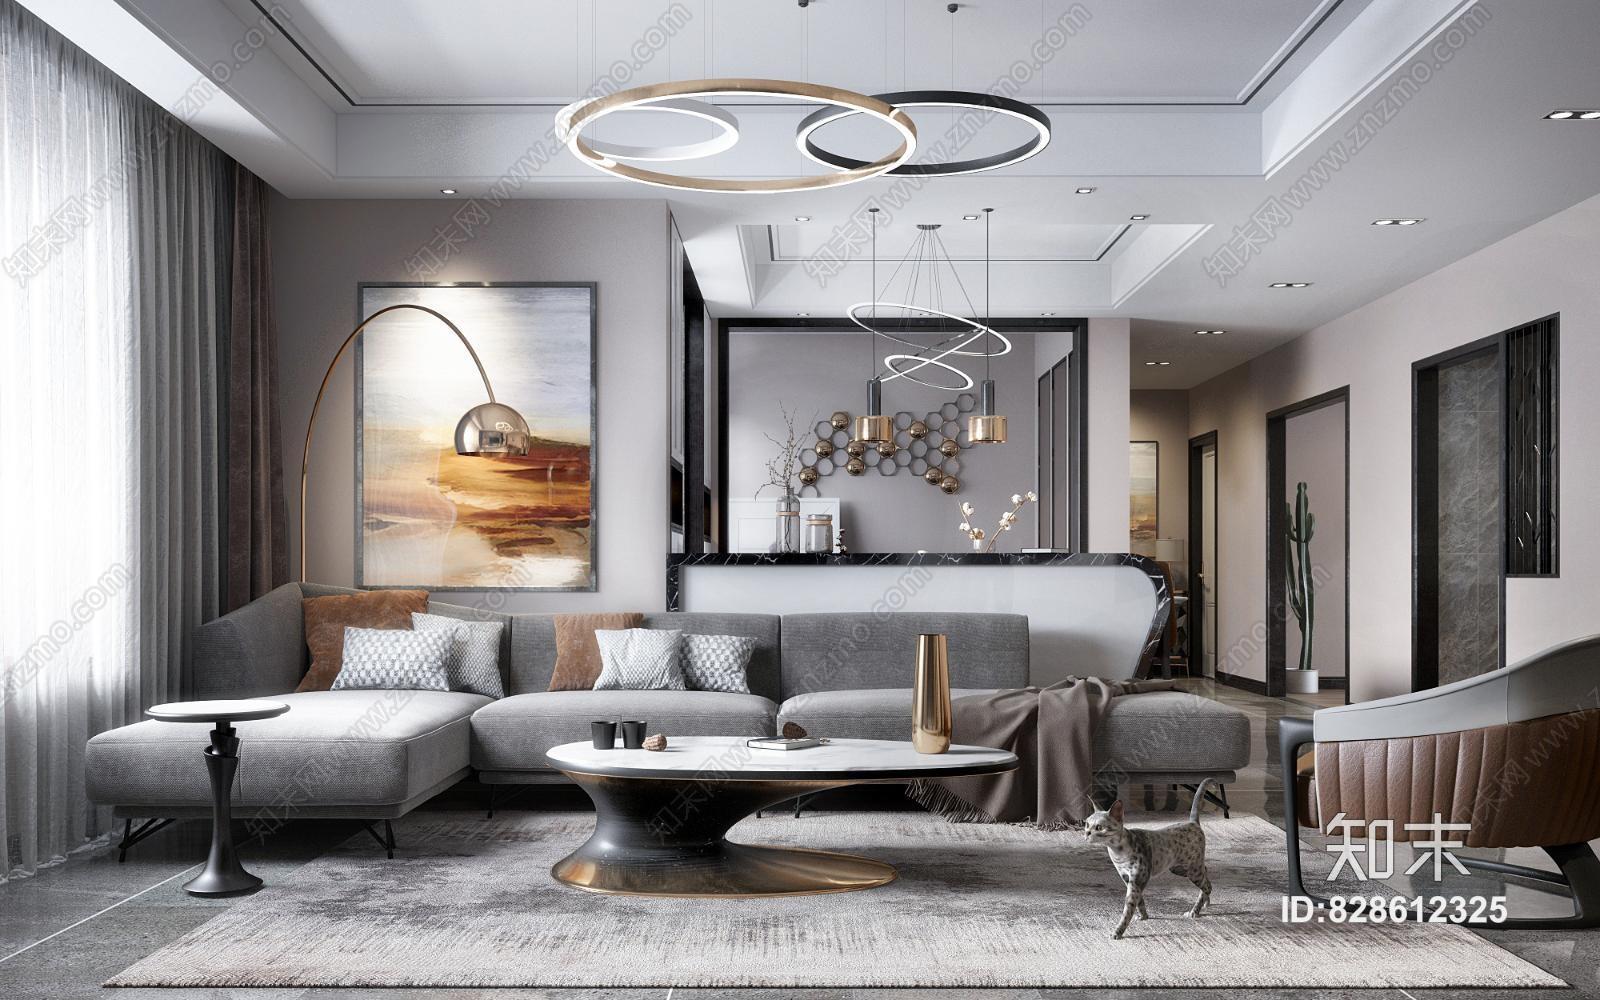 现代客厅餐厅 沙发组合 灯具 餐桌椅 挂画 茶几 装饰品 窗帘 边几 电视柜